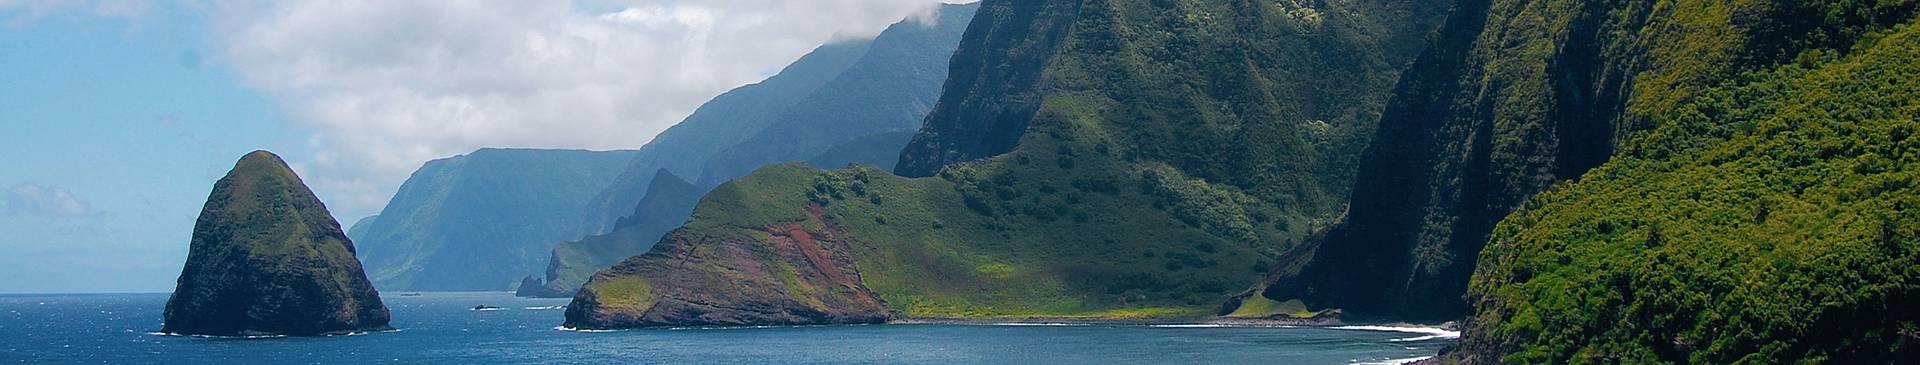 Découverte des îles d'Hawaï